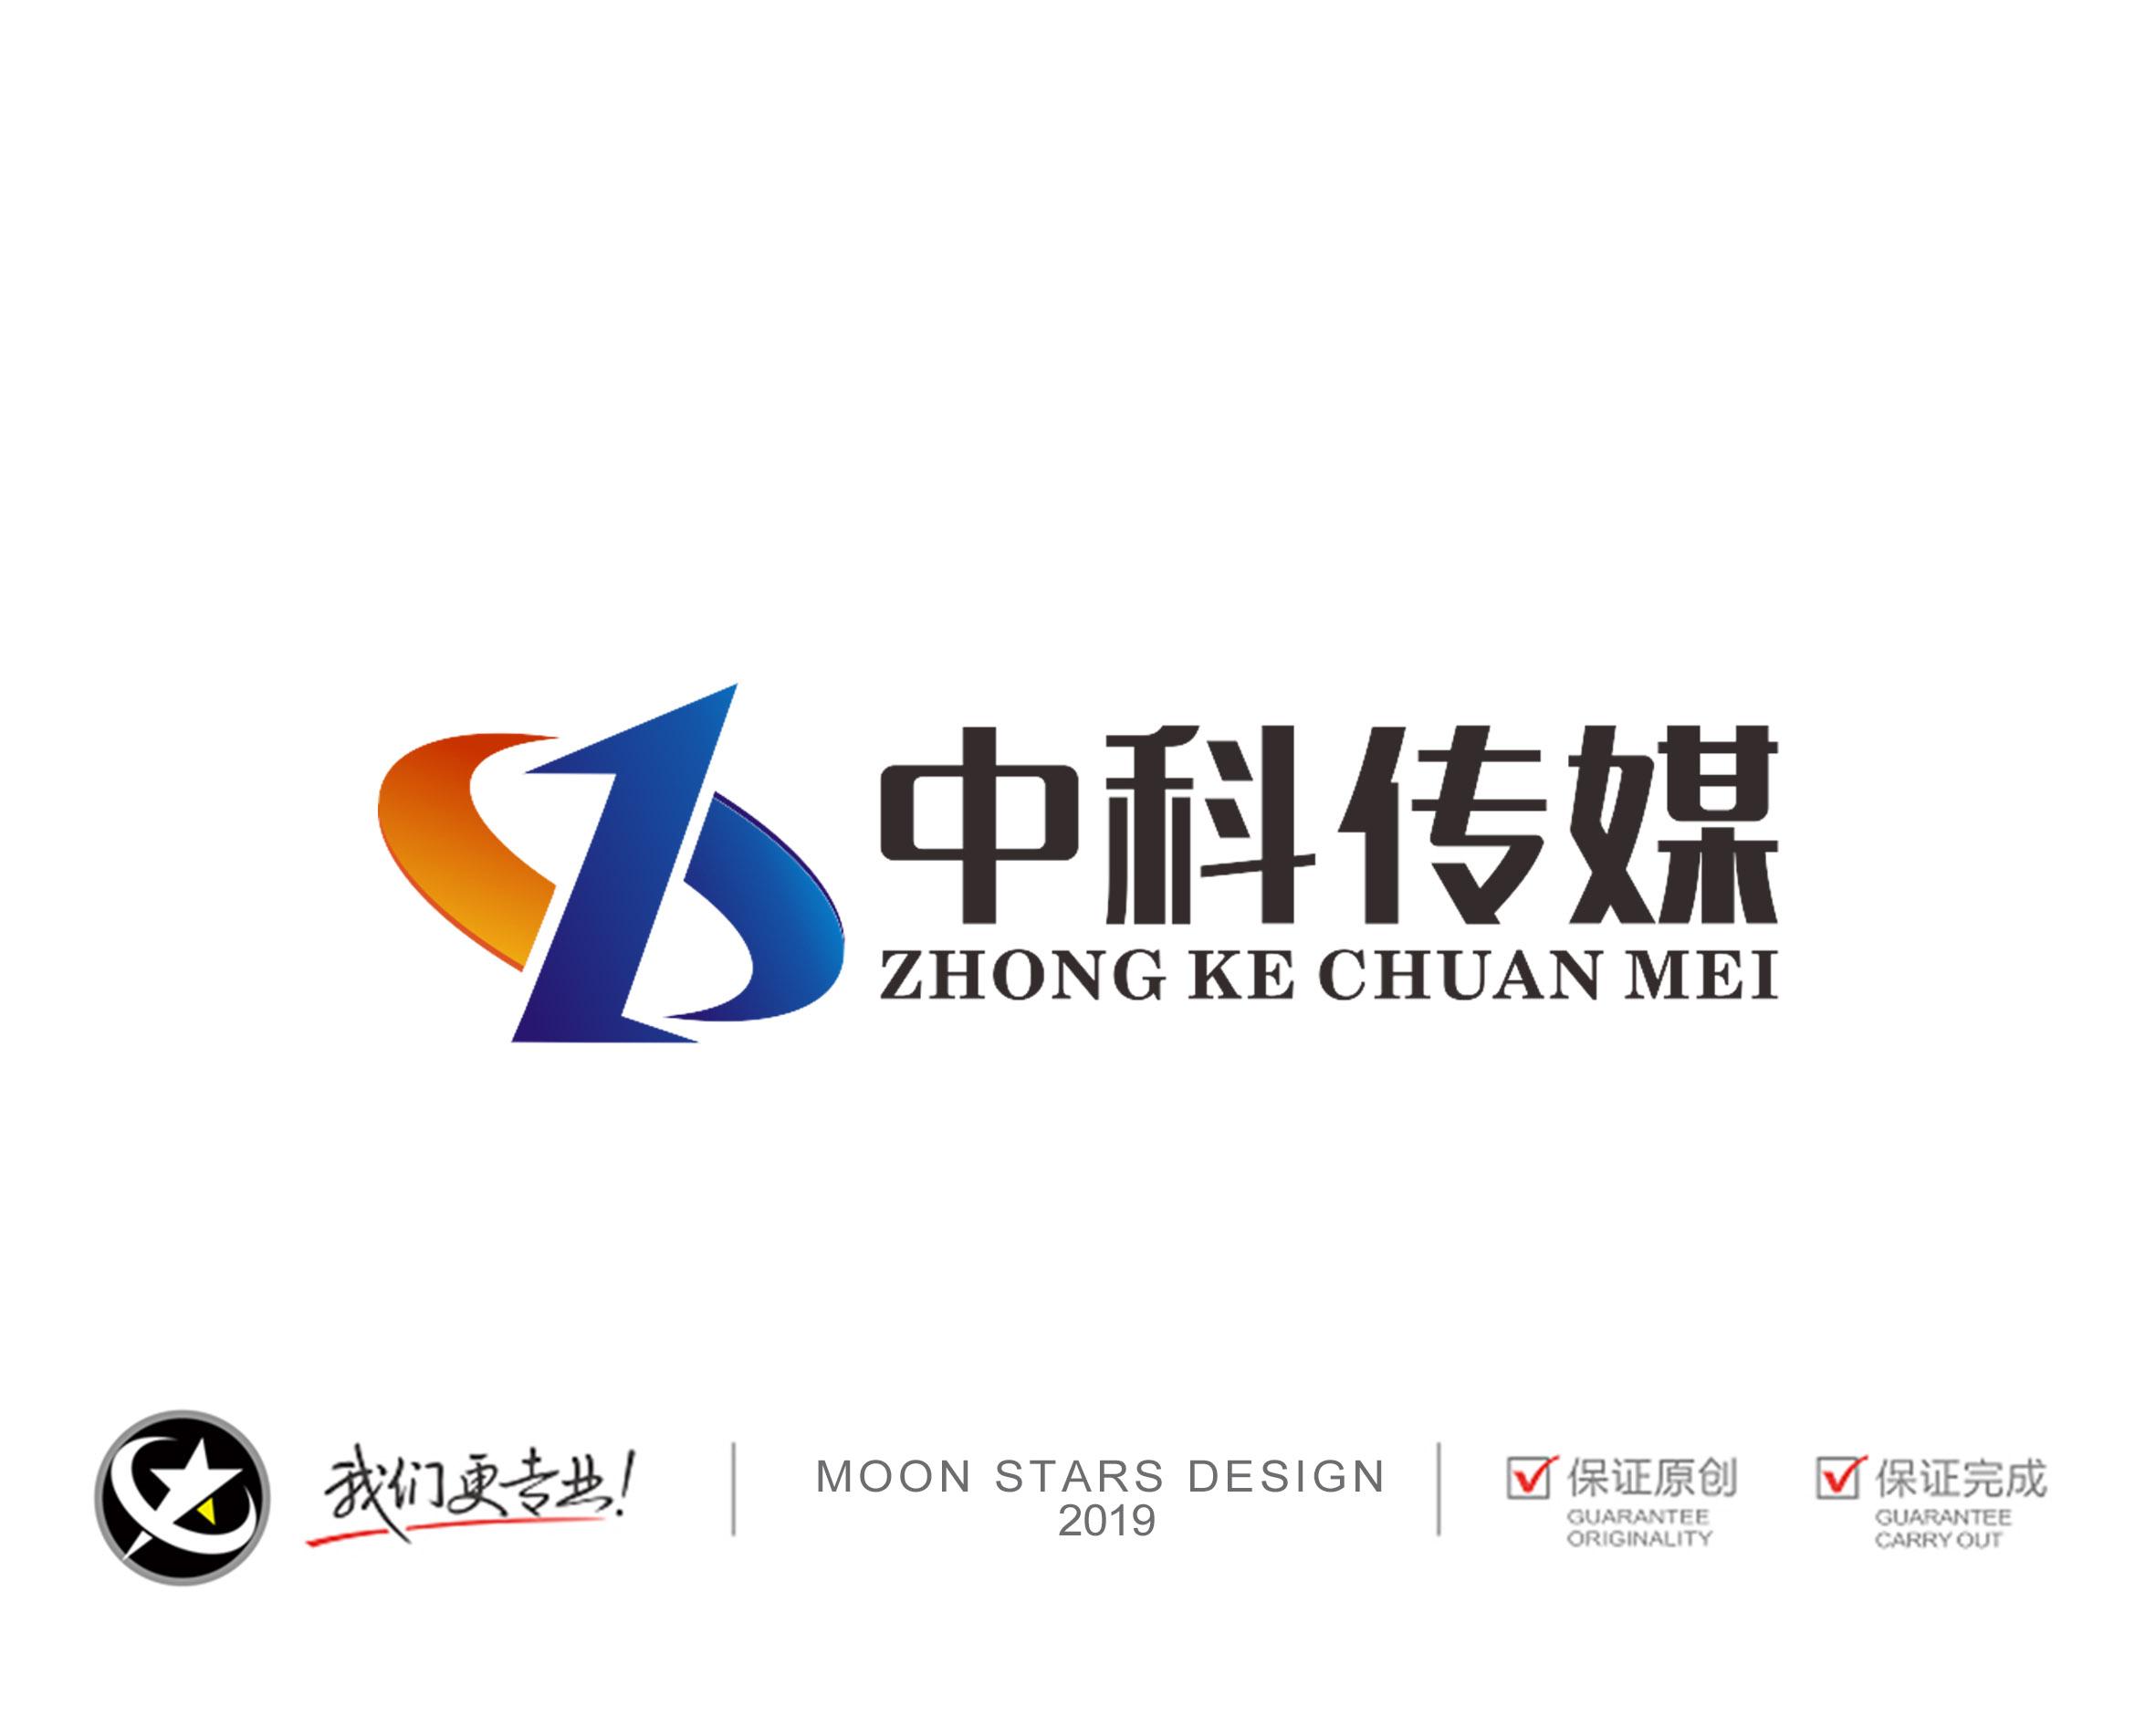 中英文LOGO 设计_3025559_k68威客网